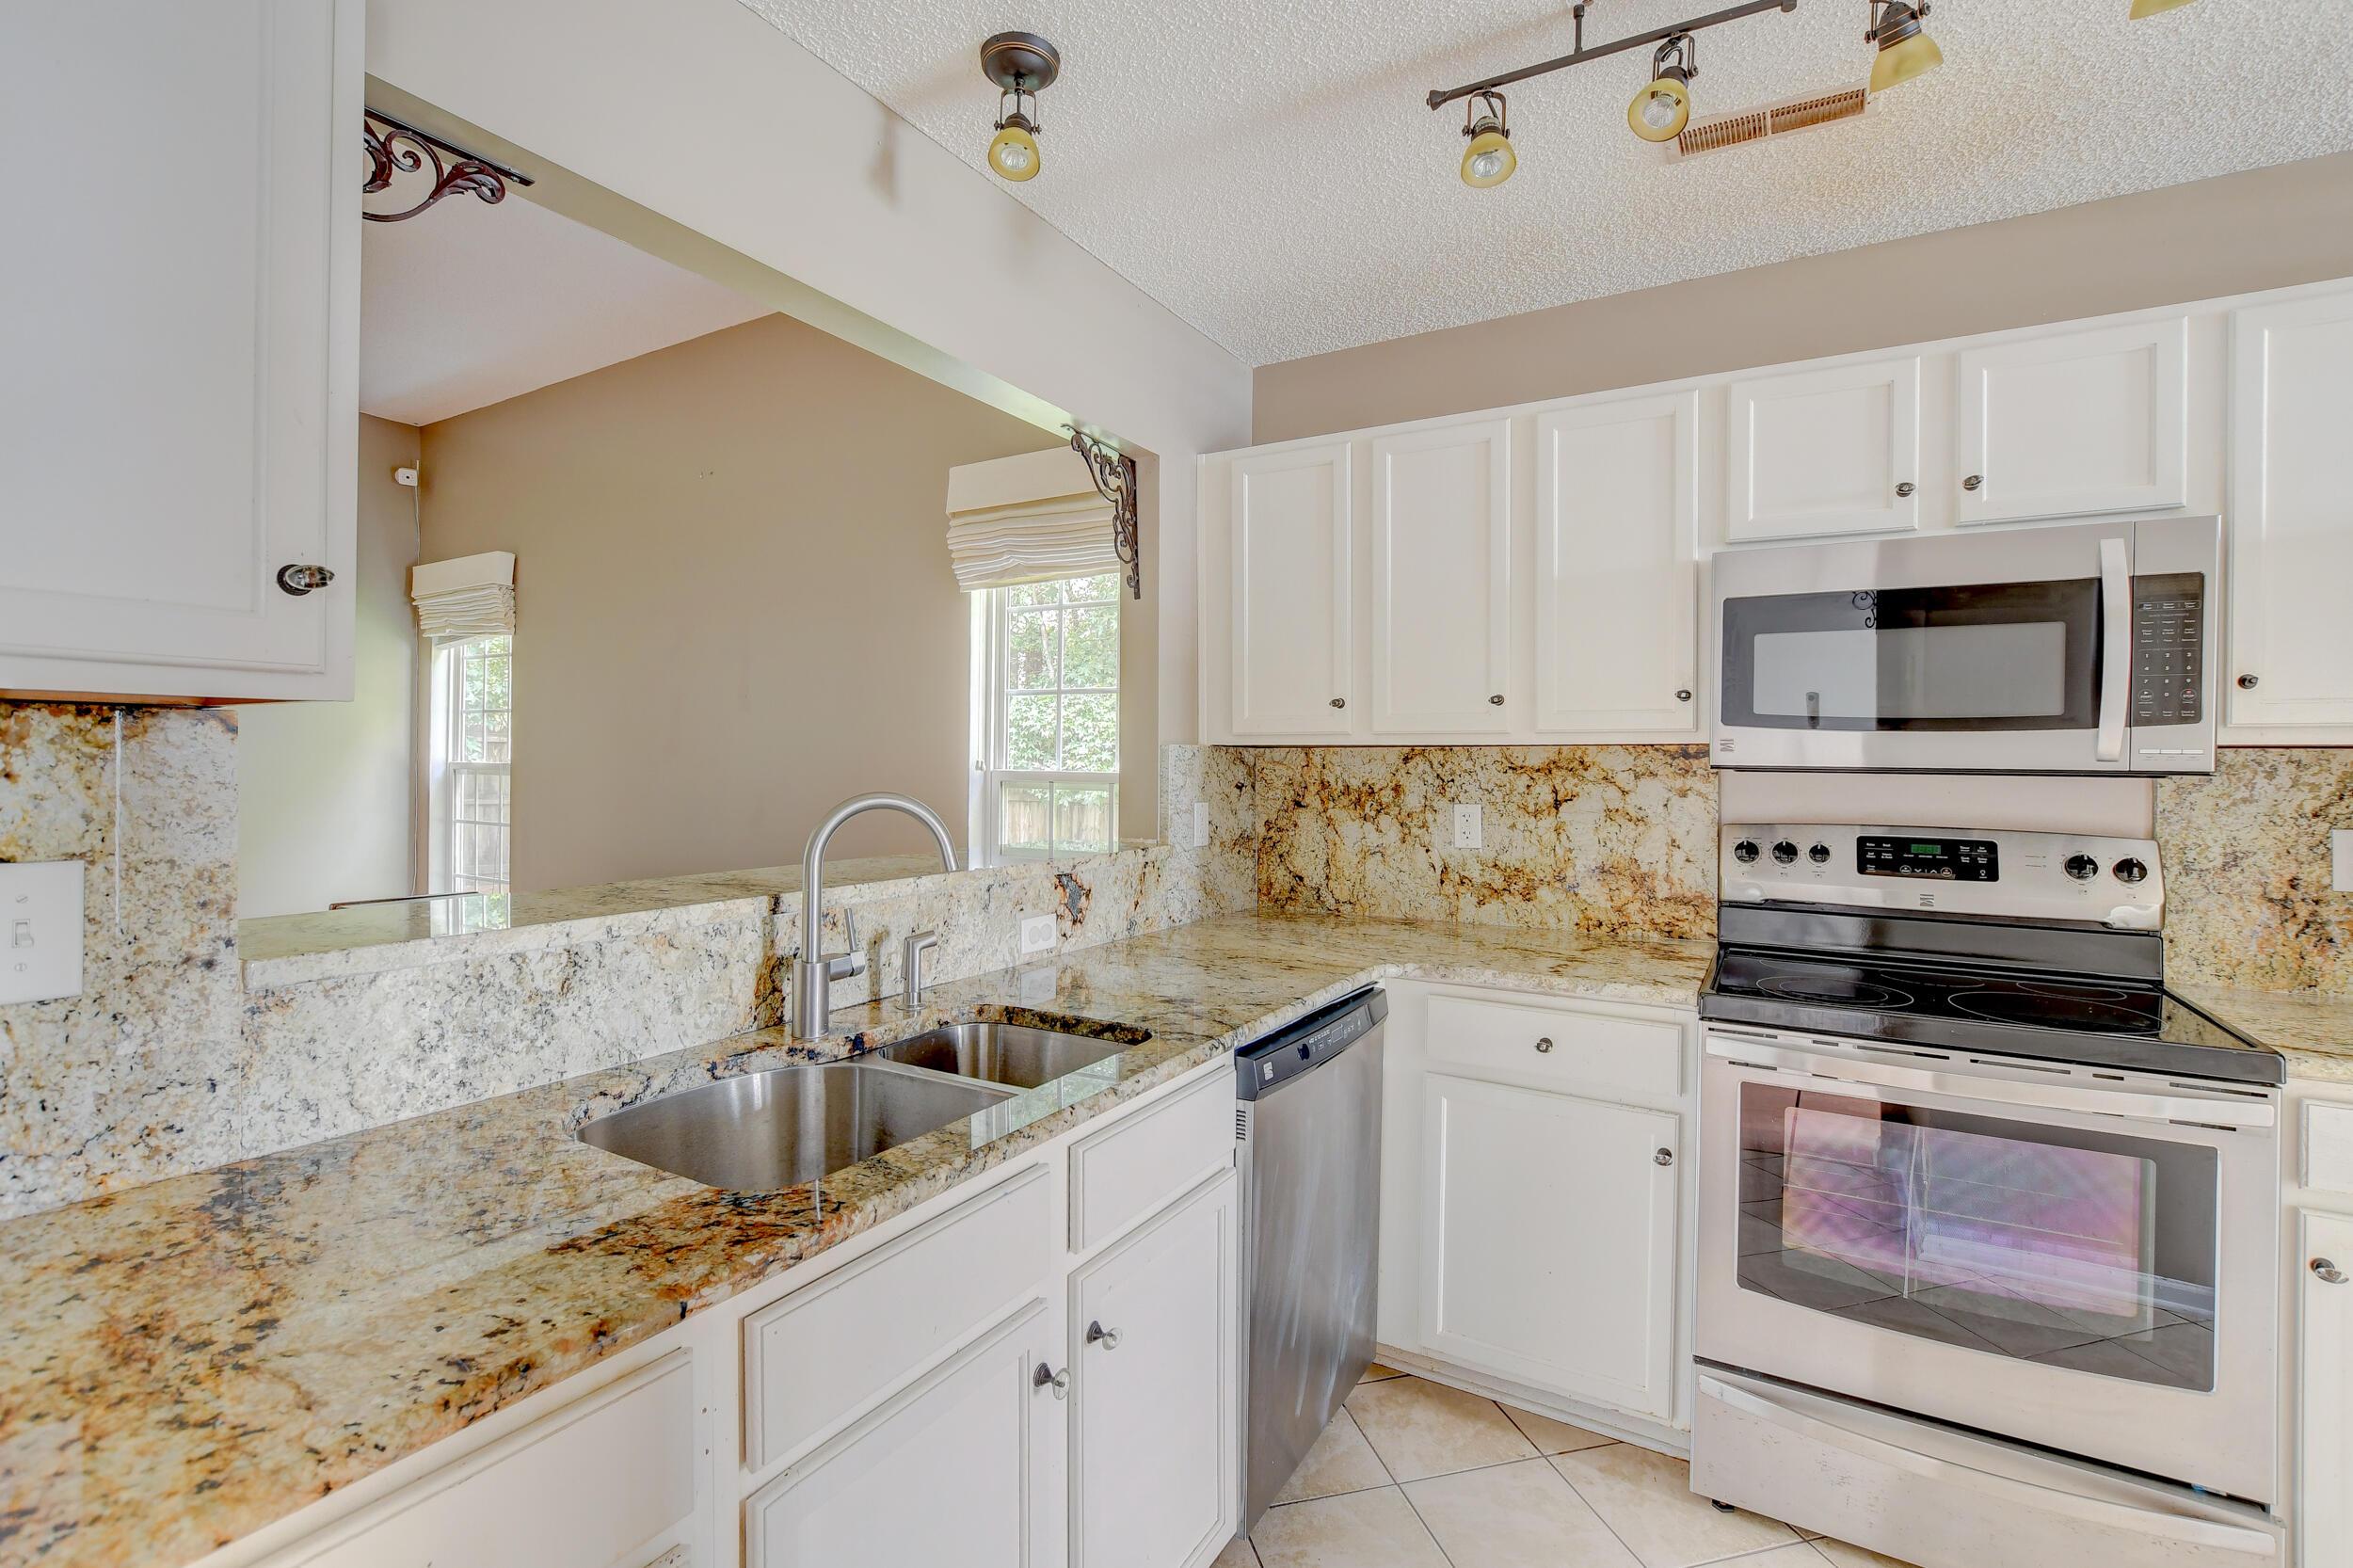 Crowfield Plantation Homes For Sale - 1010 Longview, Goose Creek, SC - 15